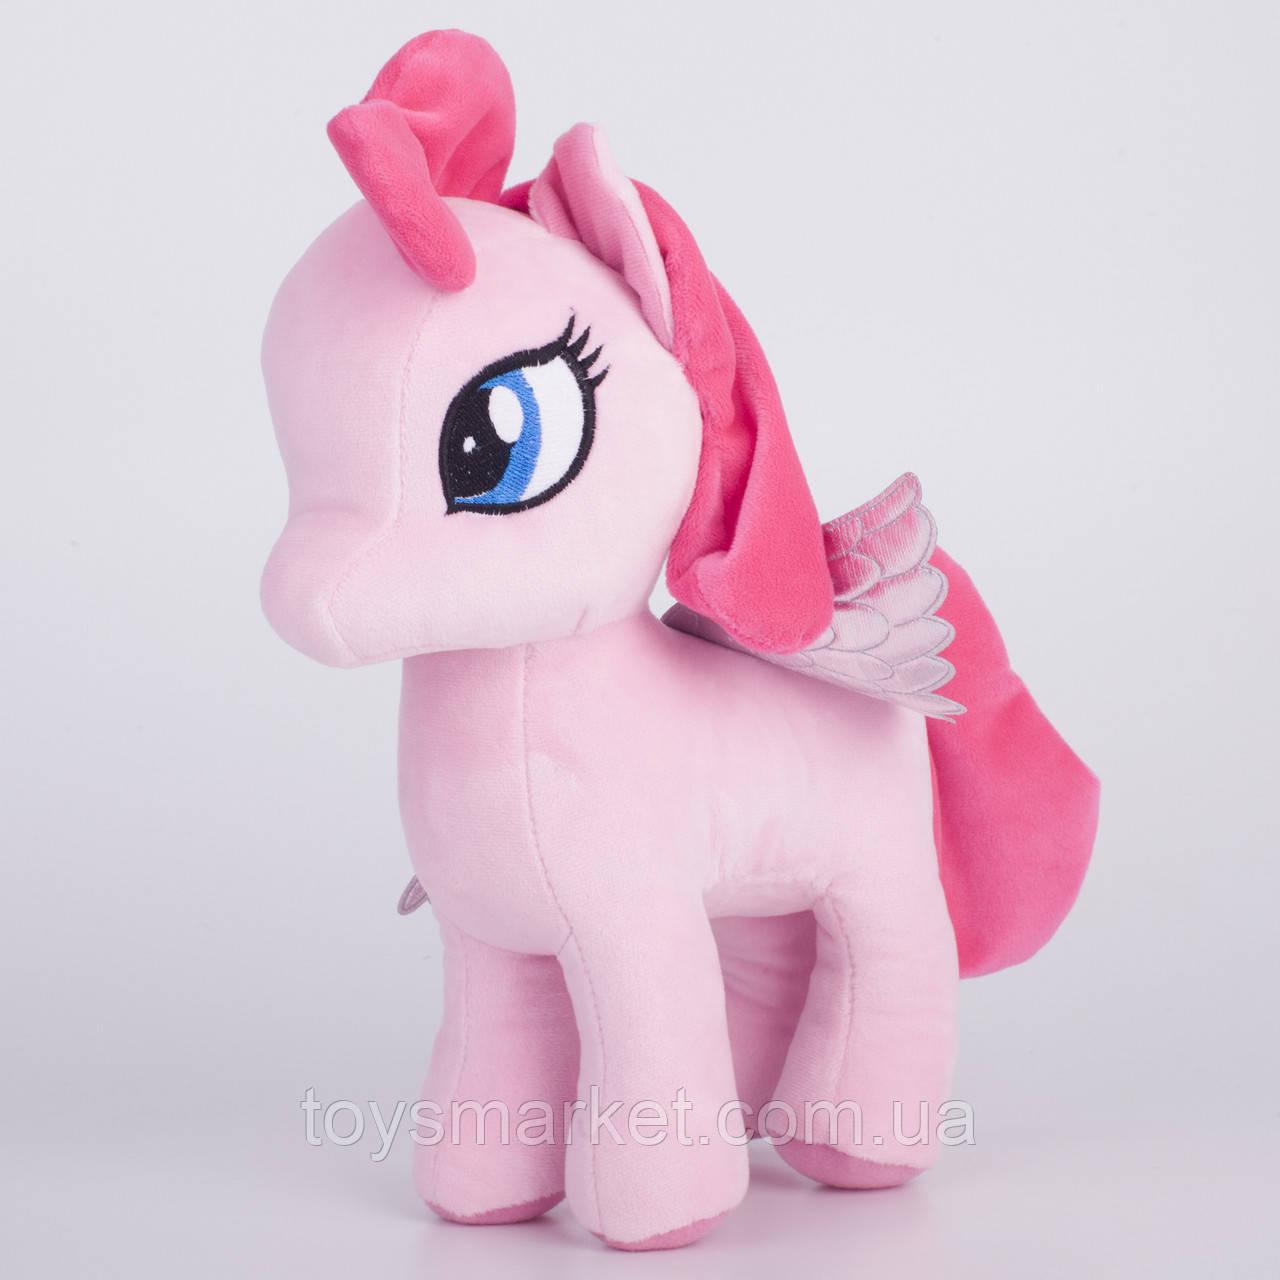 Мягкая игрушка Пони, плюшевая лошадка, My Little Pony